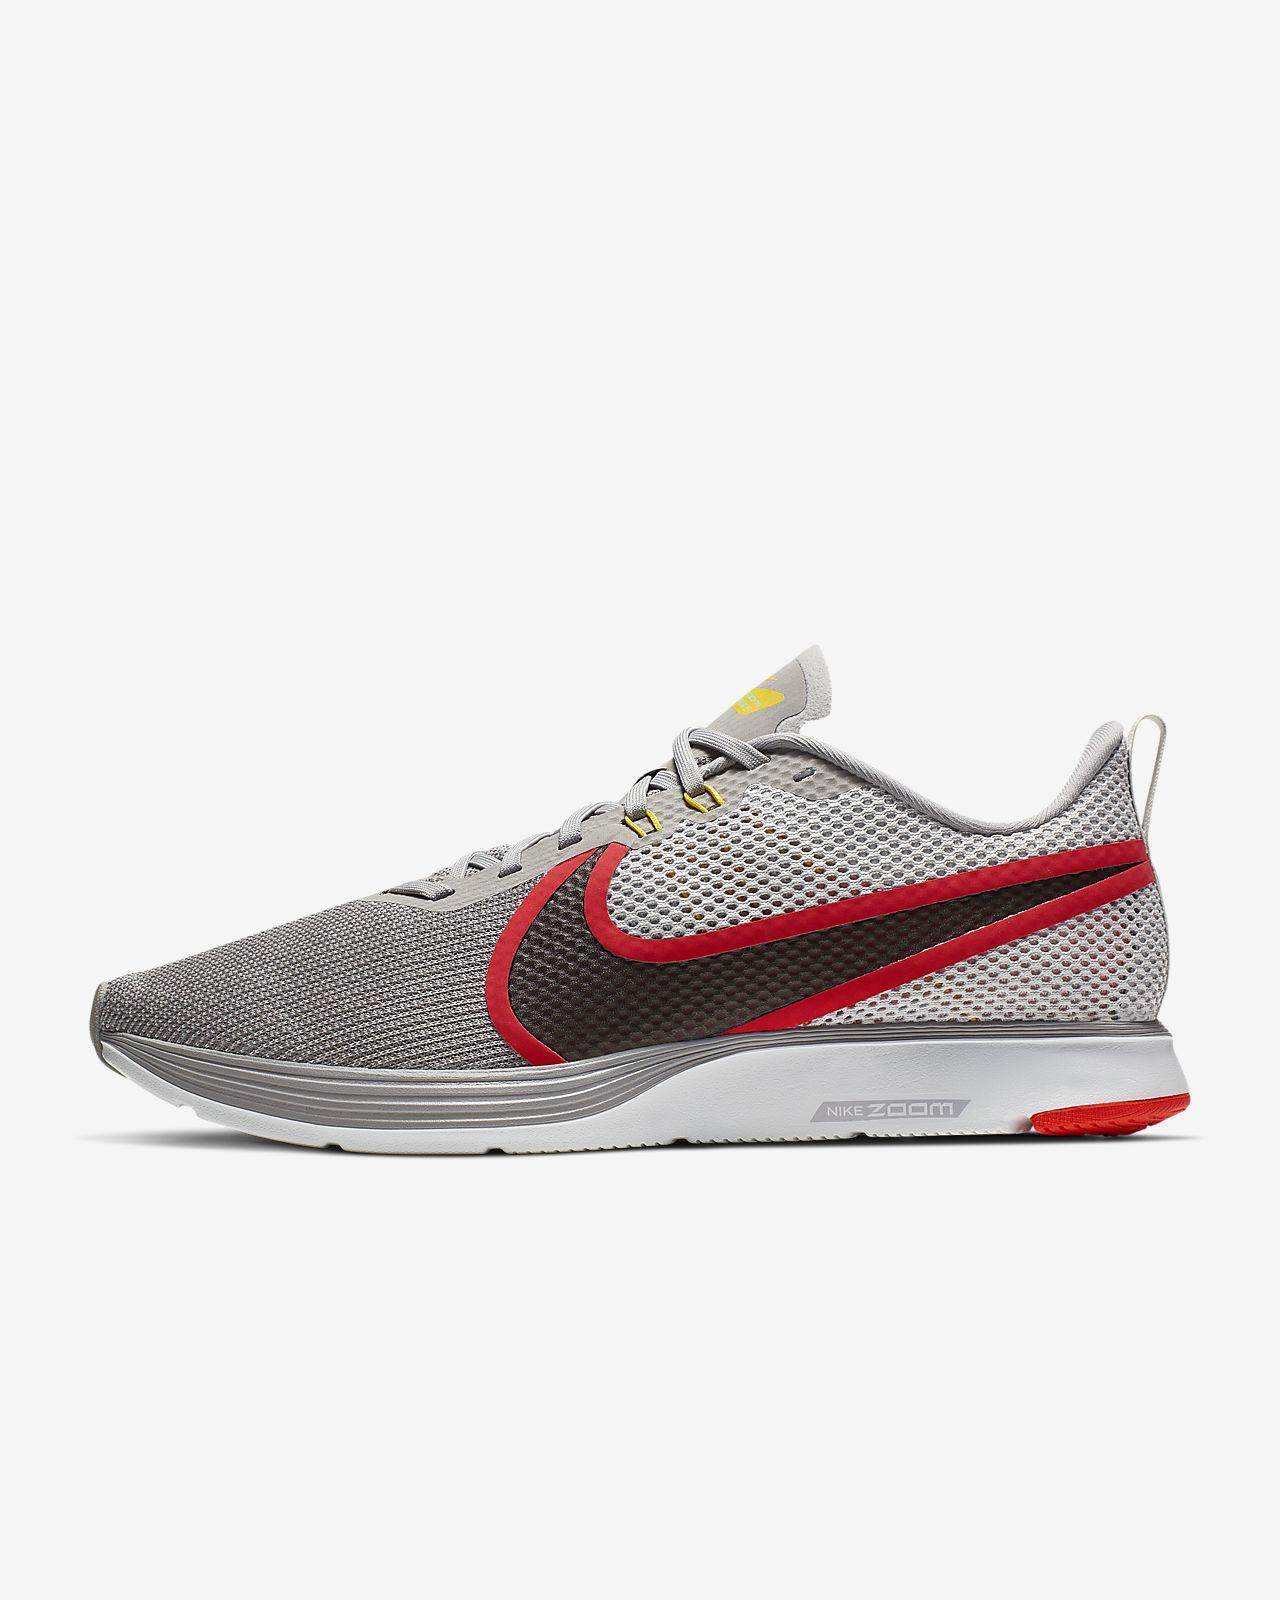 c93572c9444 Nike Zoom Strike 2 Zapatillas de running - Hombre. Nike.com ES